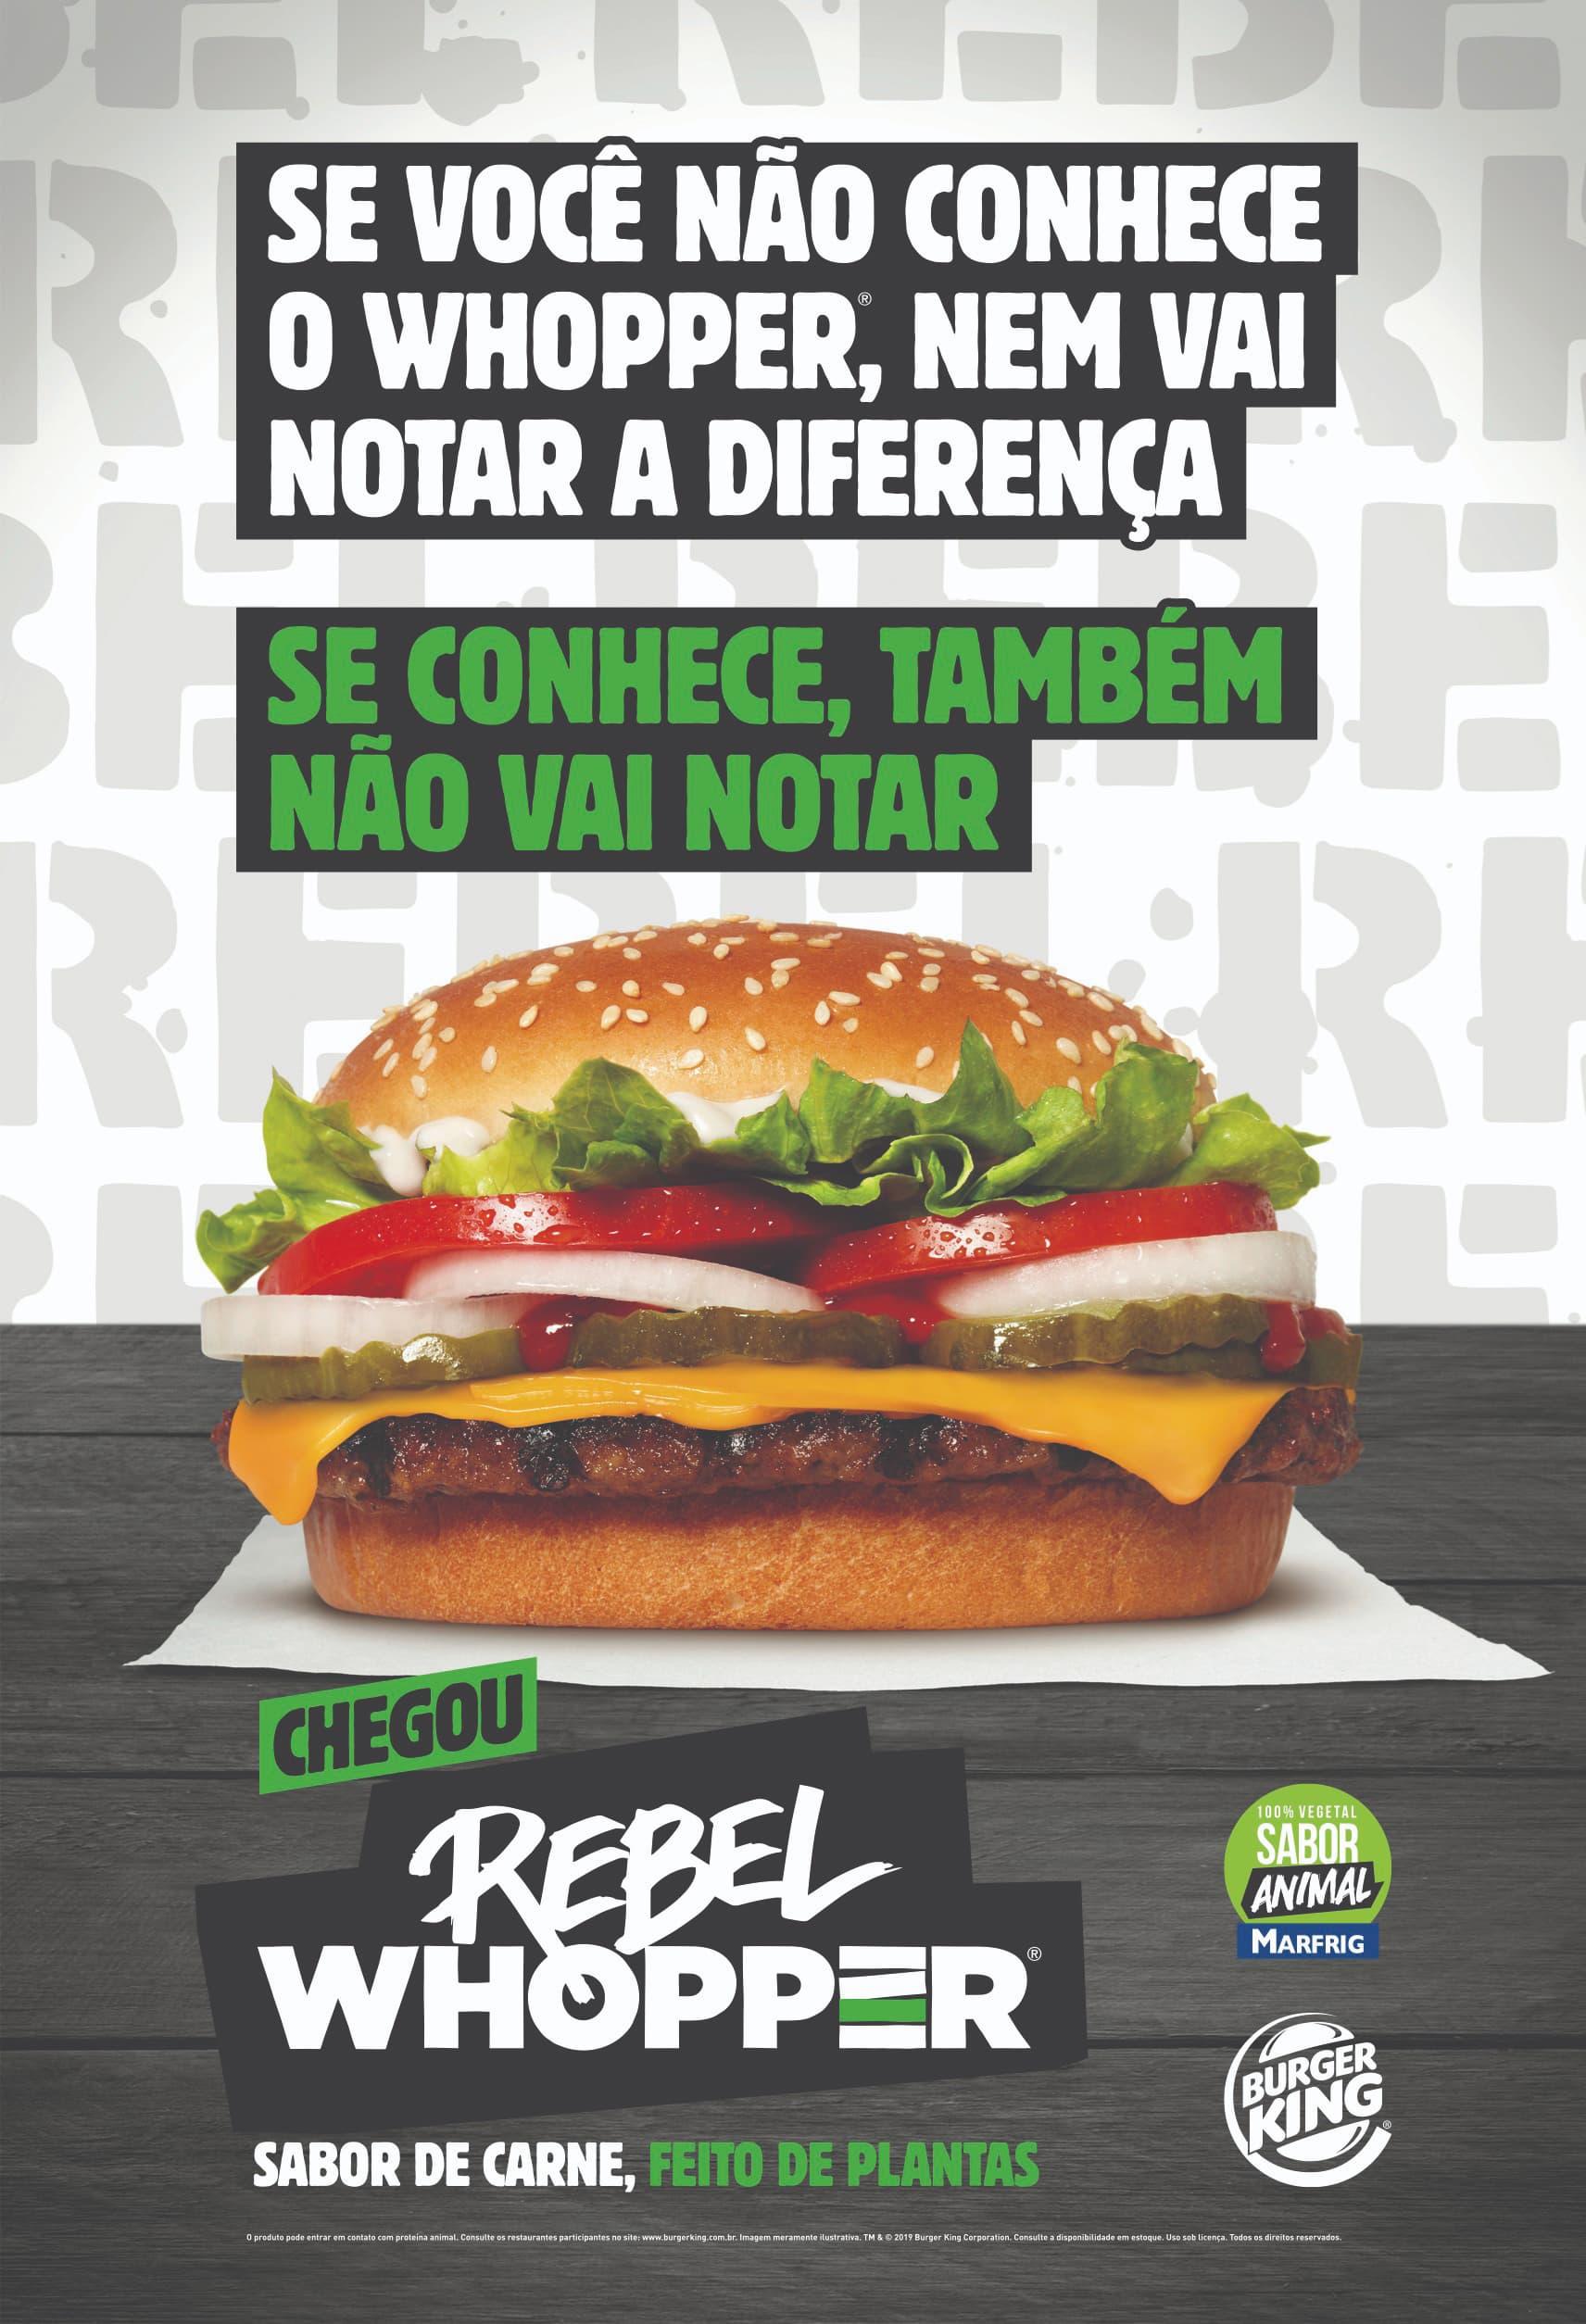 Marketing e Marcas: empresas miram o público vegano